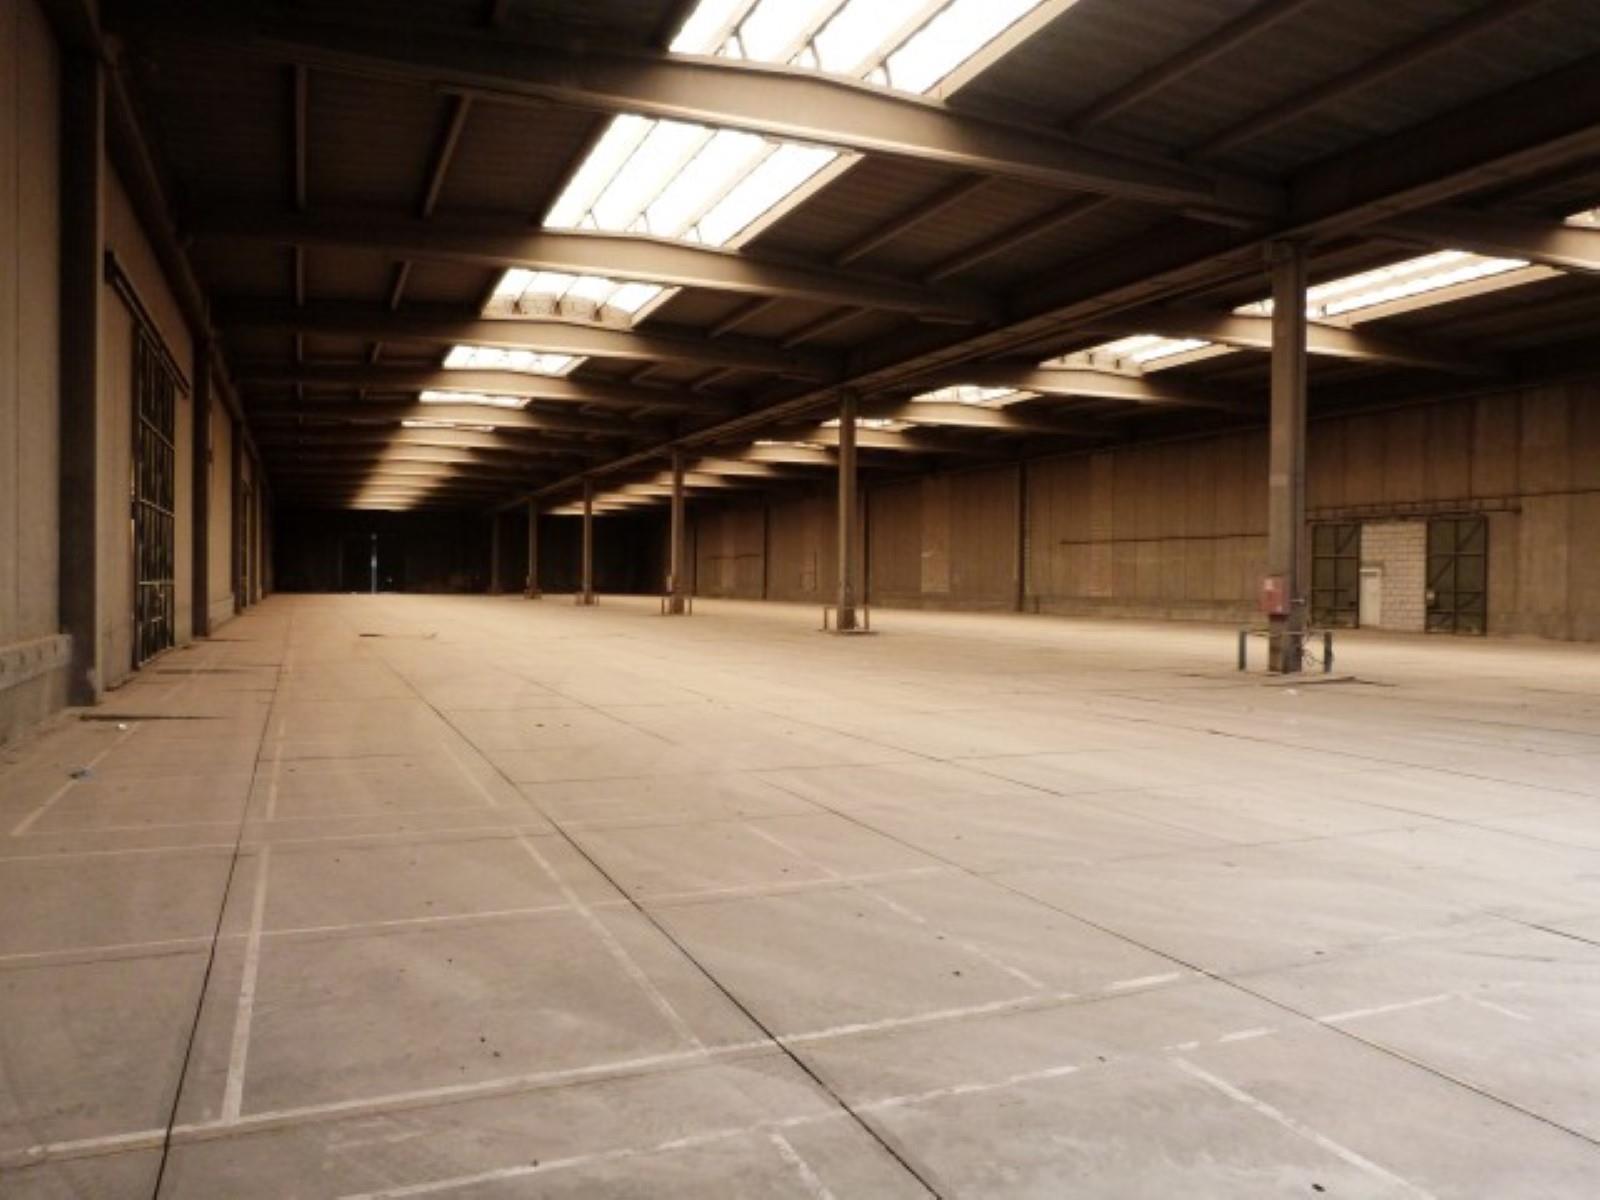 opslagplaats te huur I065 - Rostockweg 1, 2030, België 2